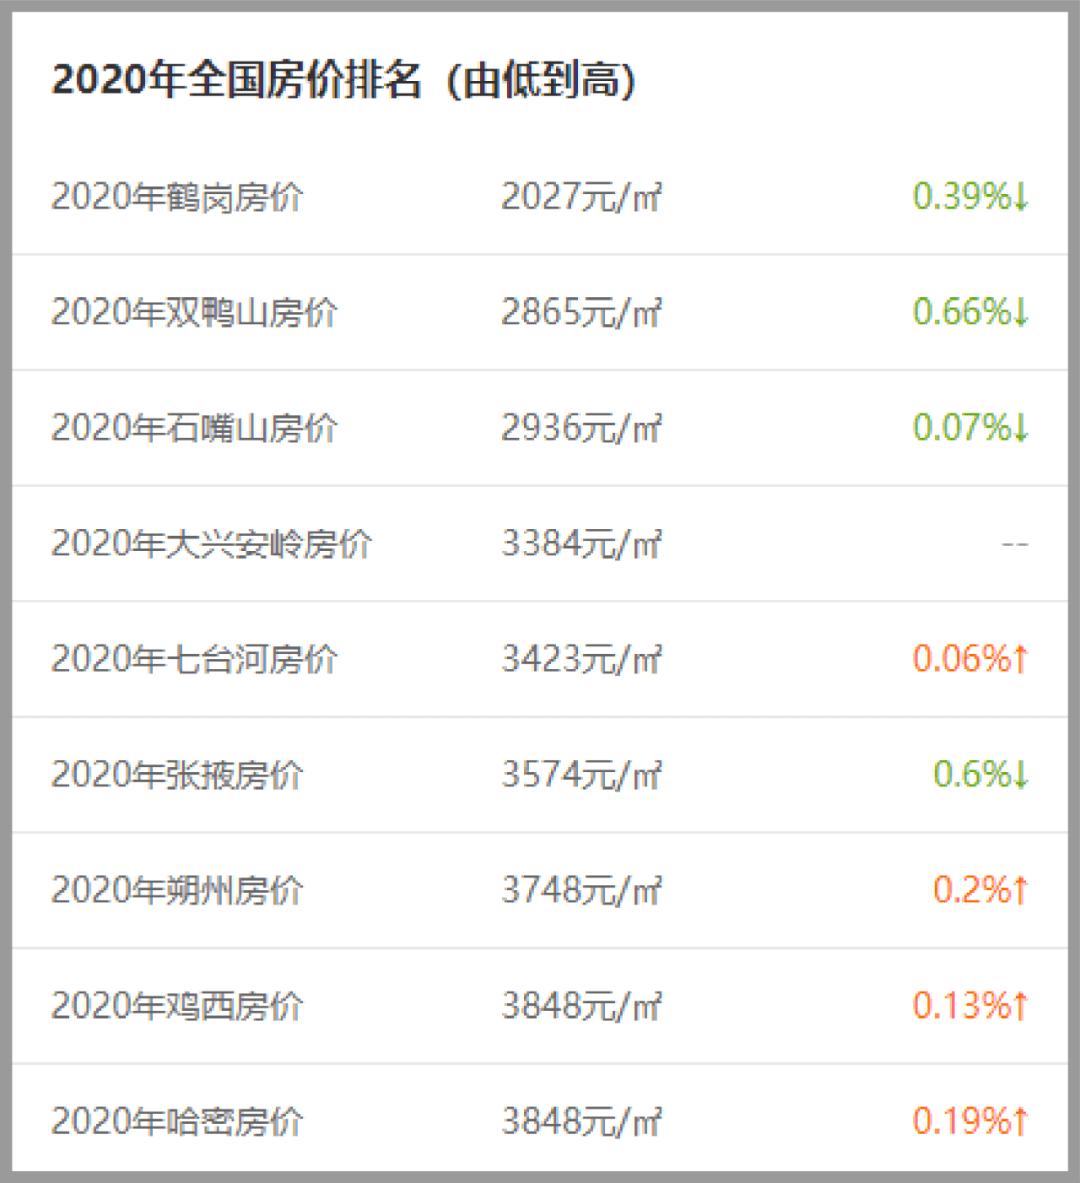 020年全国房价从低到高排